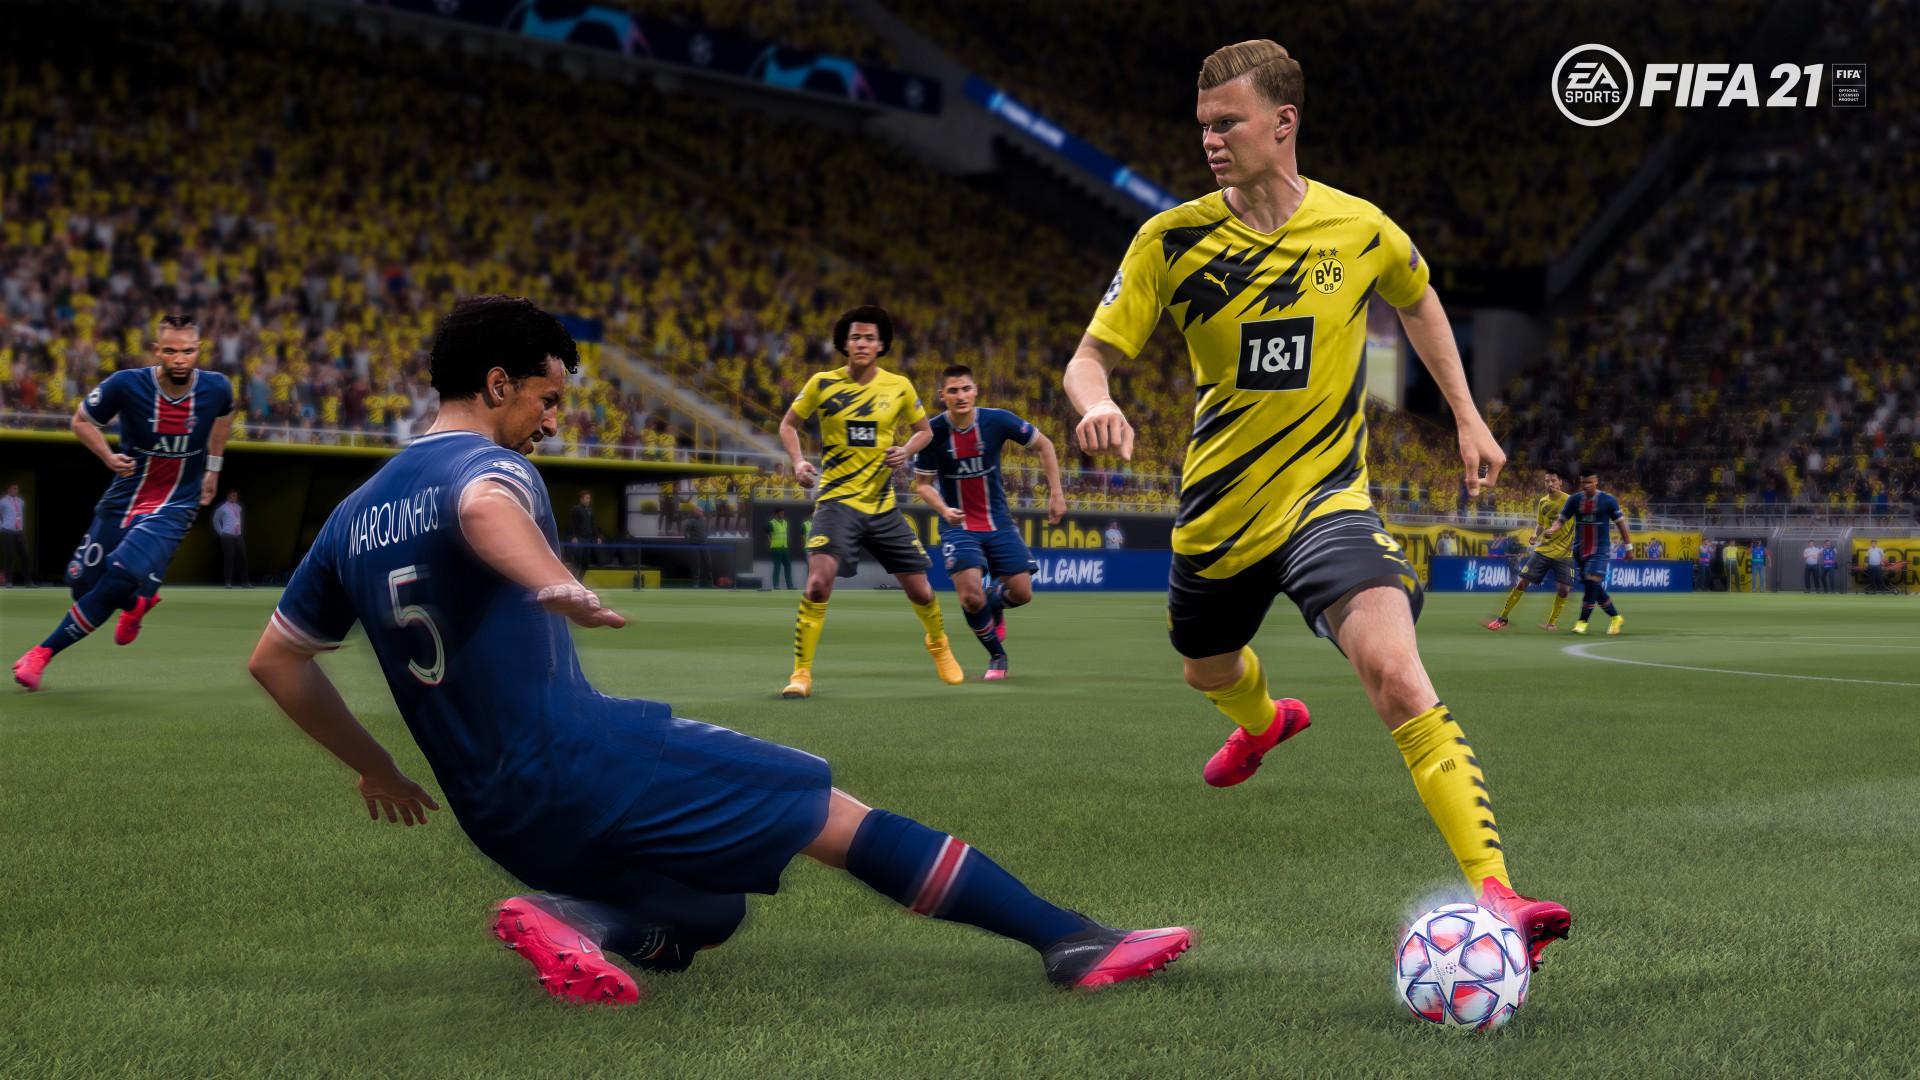 Mesmo com mudanças interessantes, FIFA 21 parece mais do mesmo.